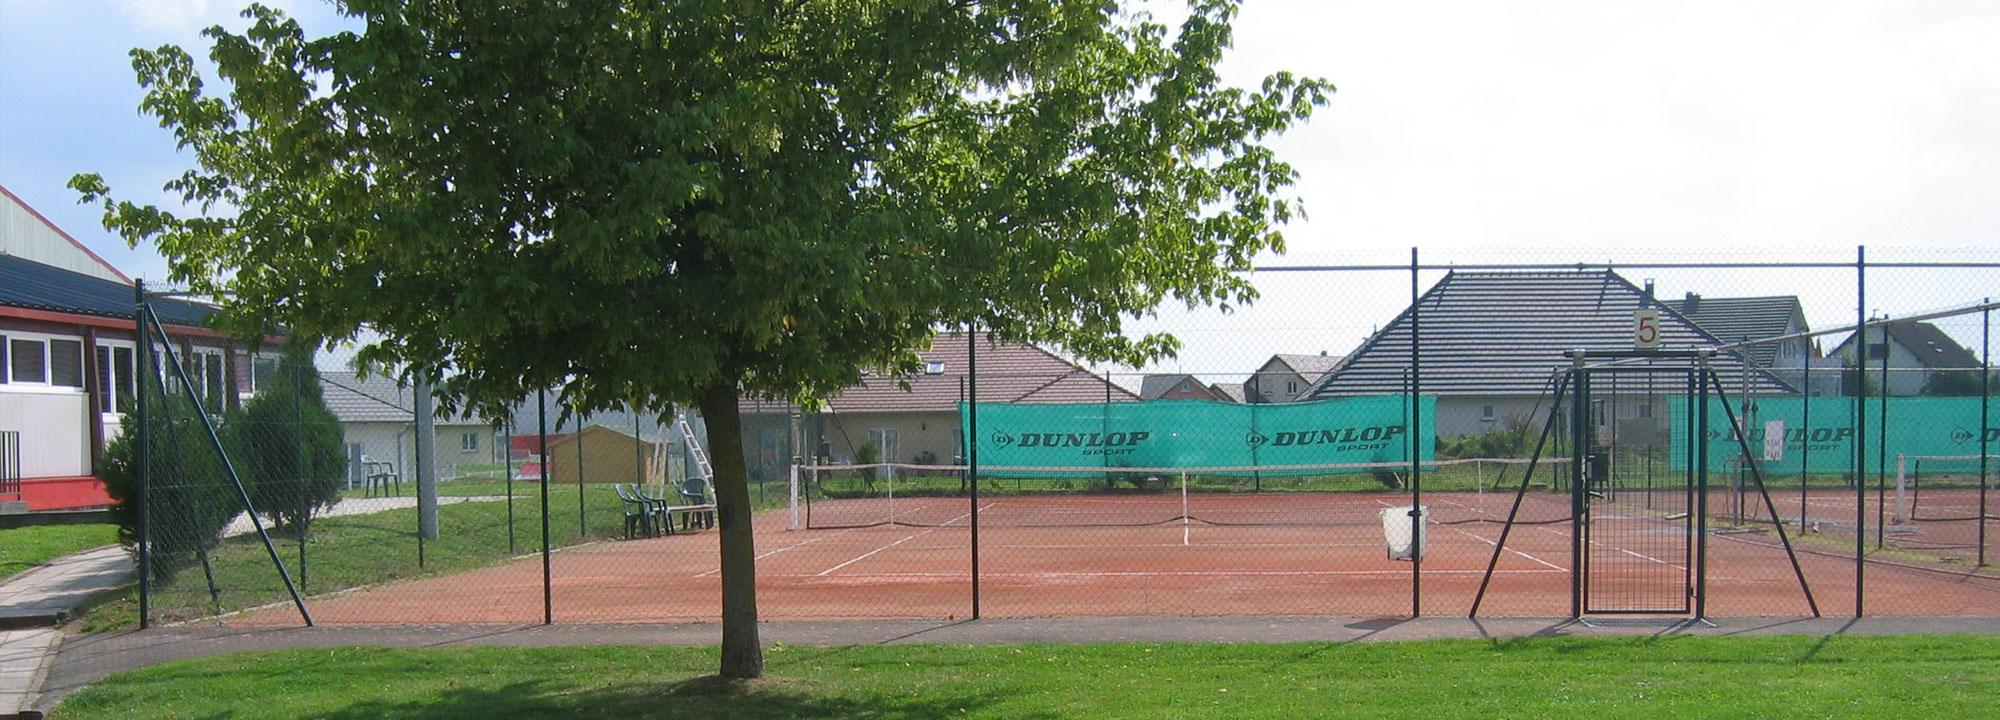 Tennis Club Sarralbe avec Piscine Sarralbe